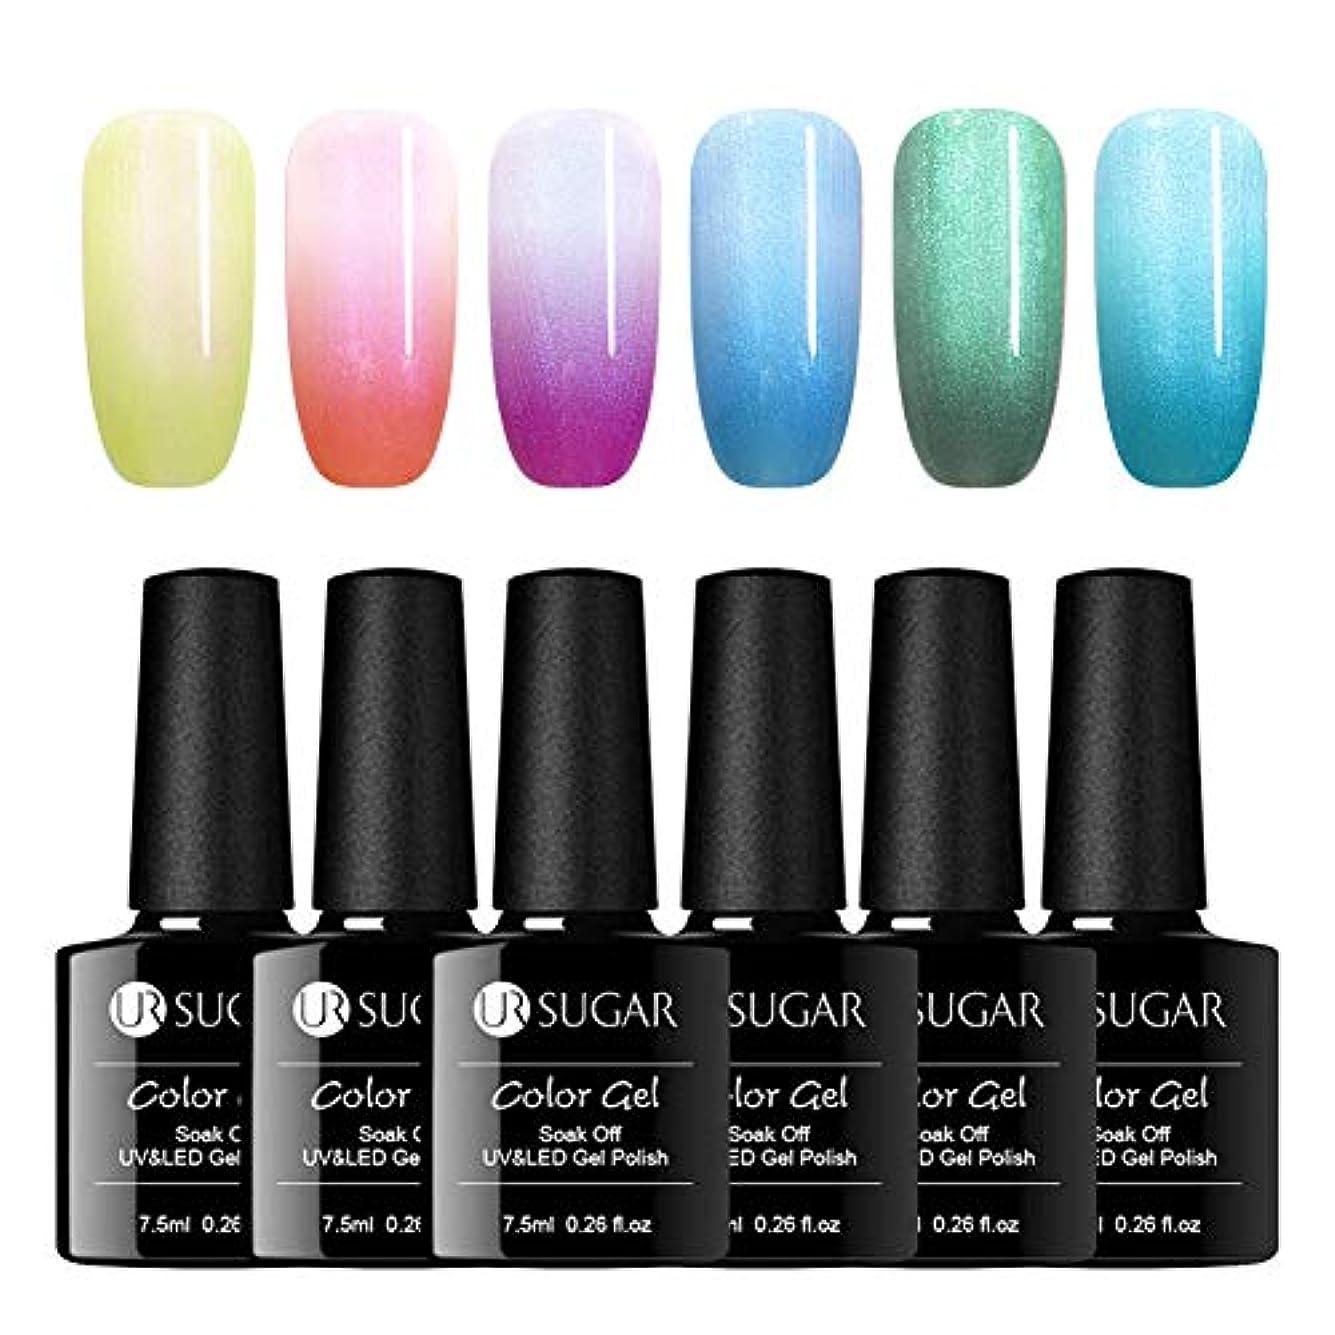 虐待ブルーム恐怖症UR SUGAR カラージェルセット 温度によって色が変わる パール感あり 夏ネイル 6色セット UV/LED対応 ジェルカラー ネイルアートセルフネイル